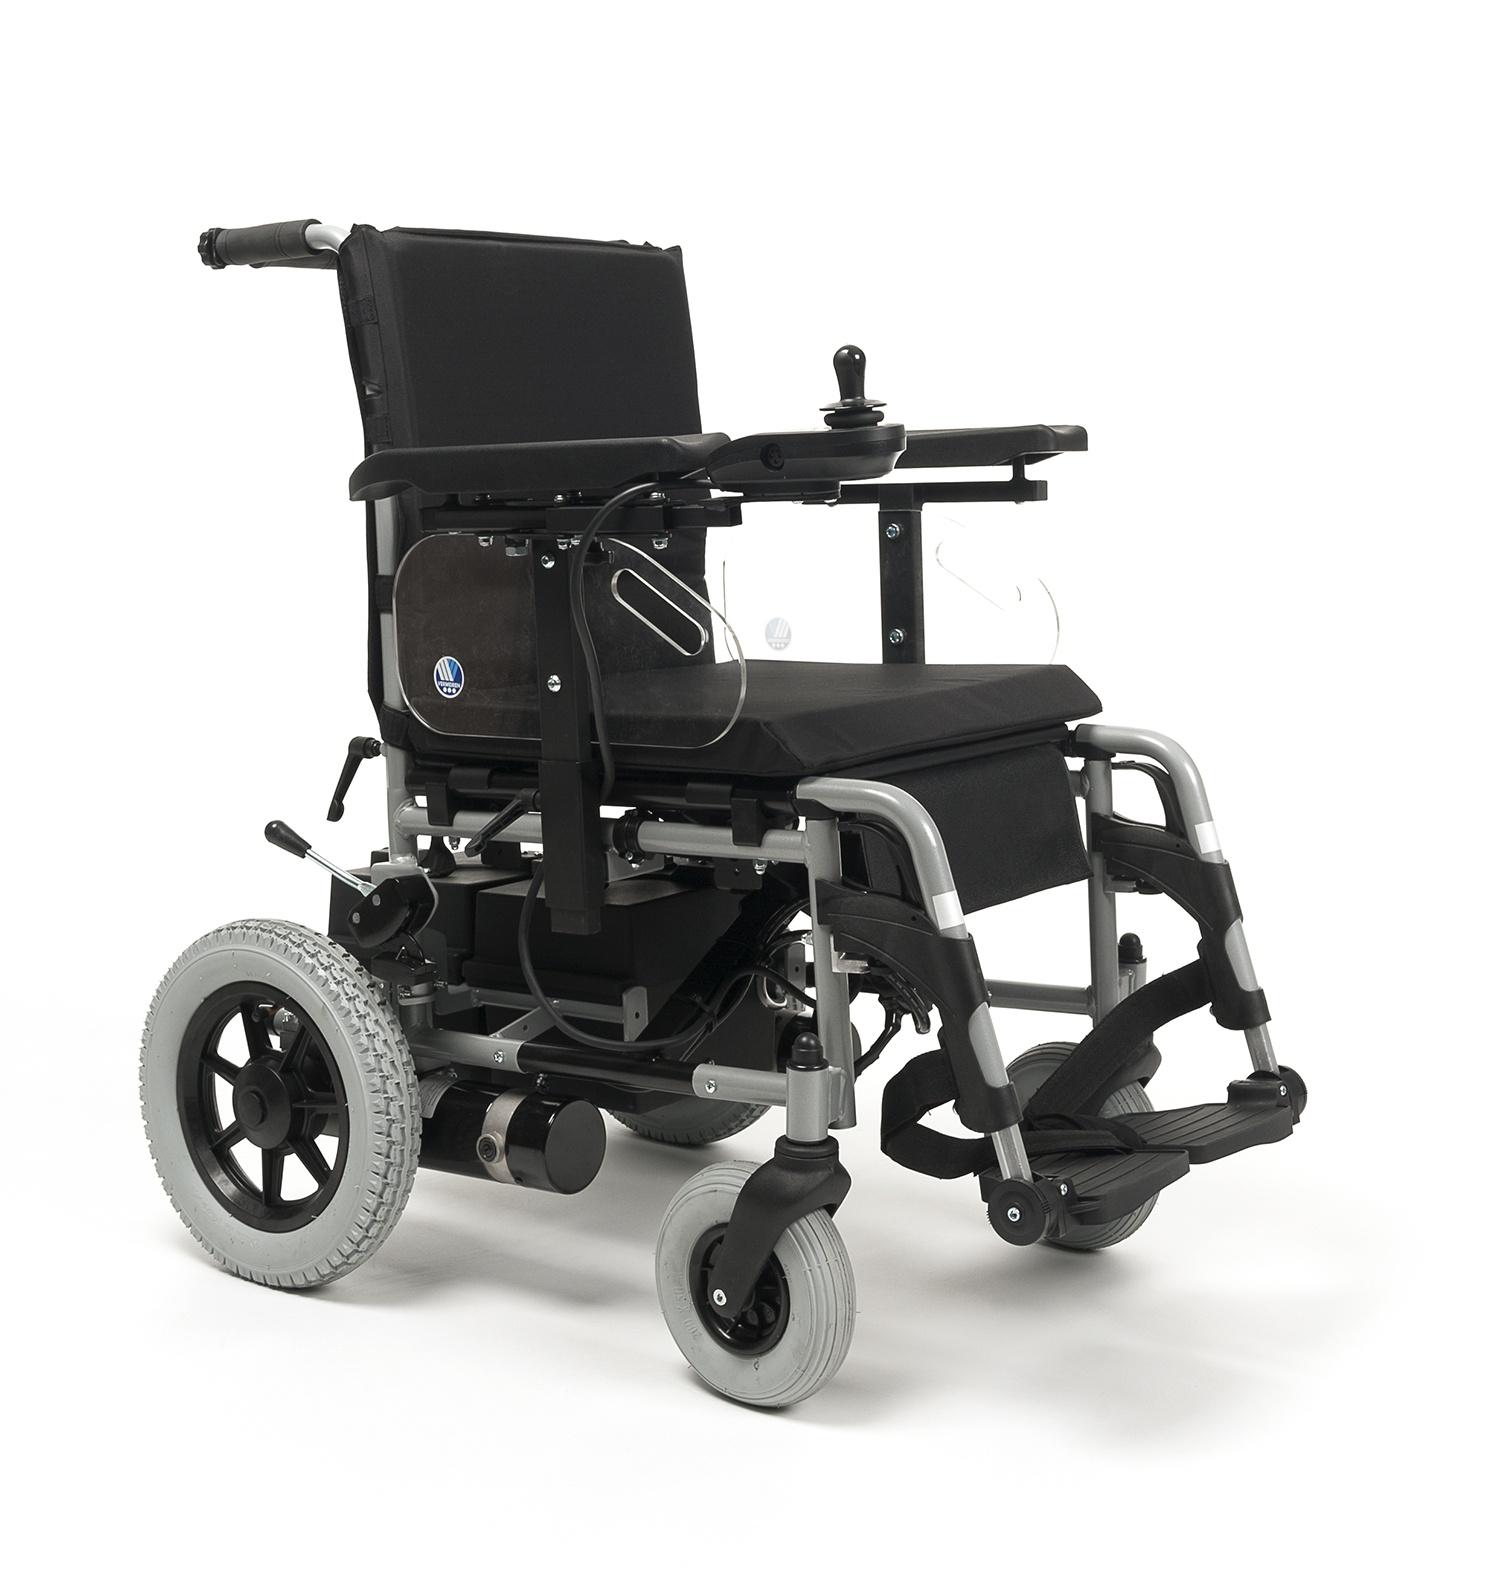 EXPRESS Wózek dla osób niepełnosprawnych z napędem elektrycznym pokojowy